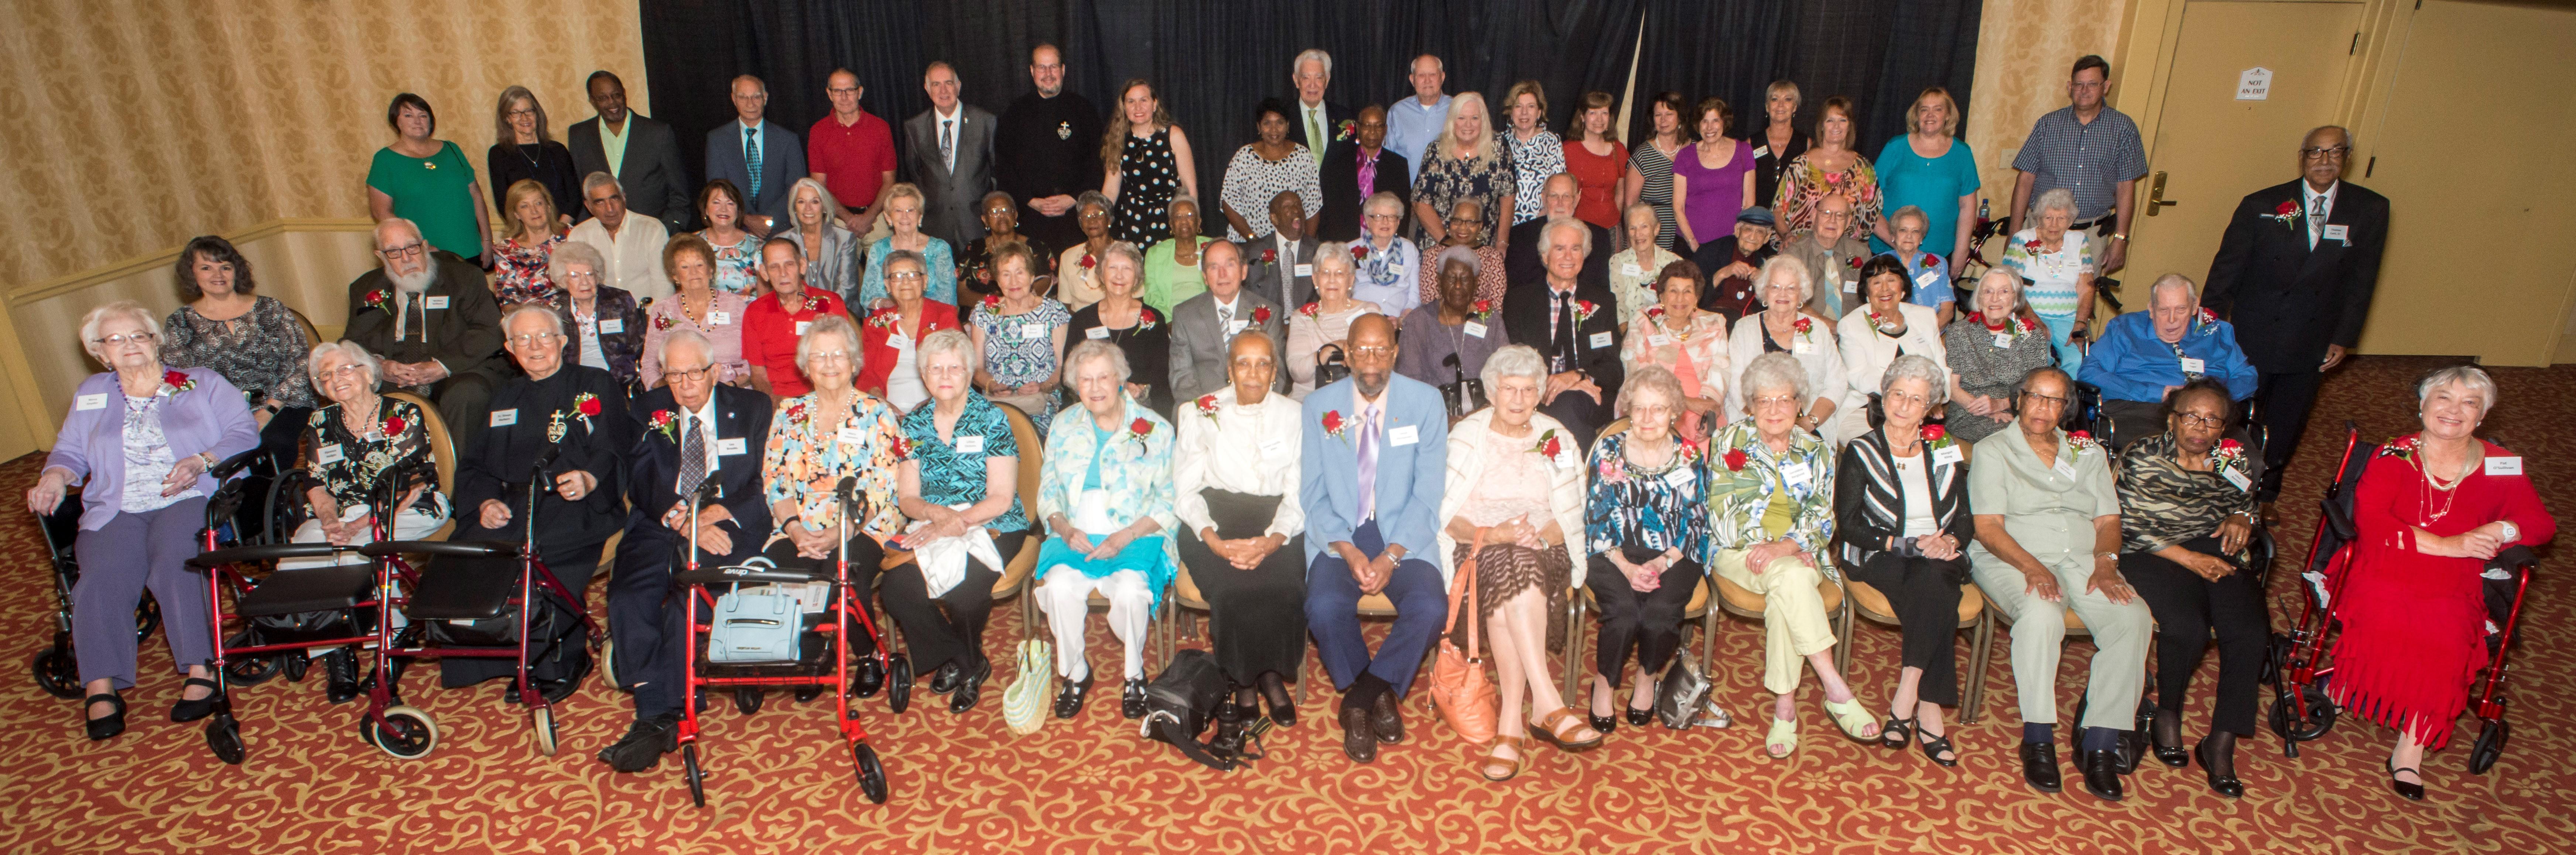 Professor Emeritus among honorees of optimal aging awards